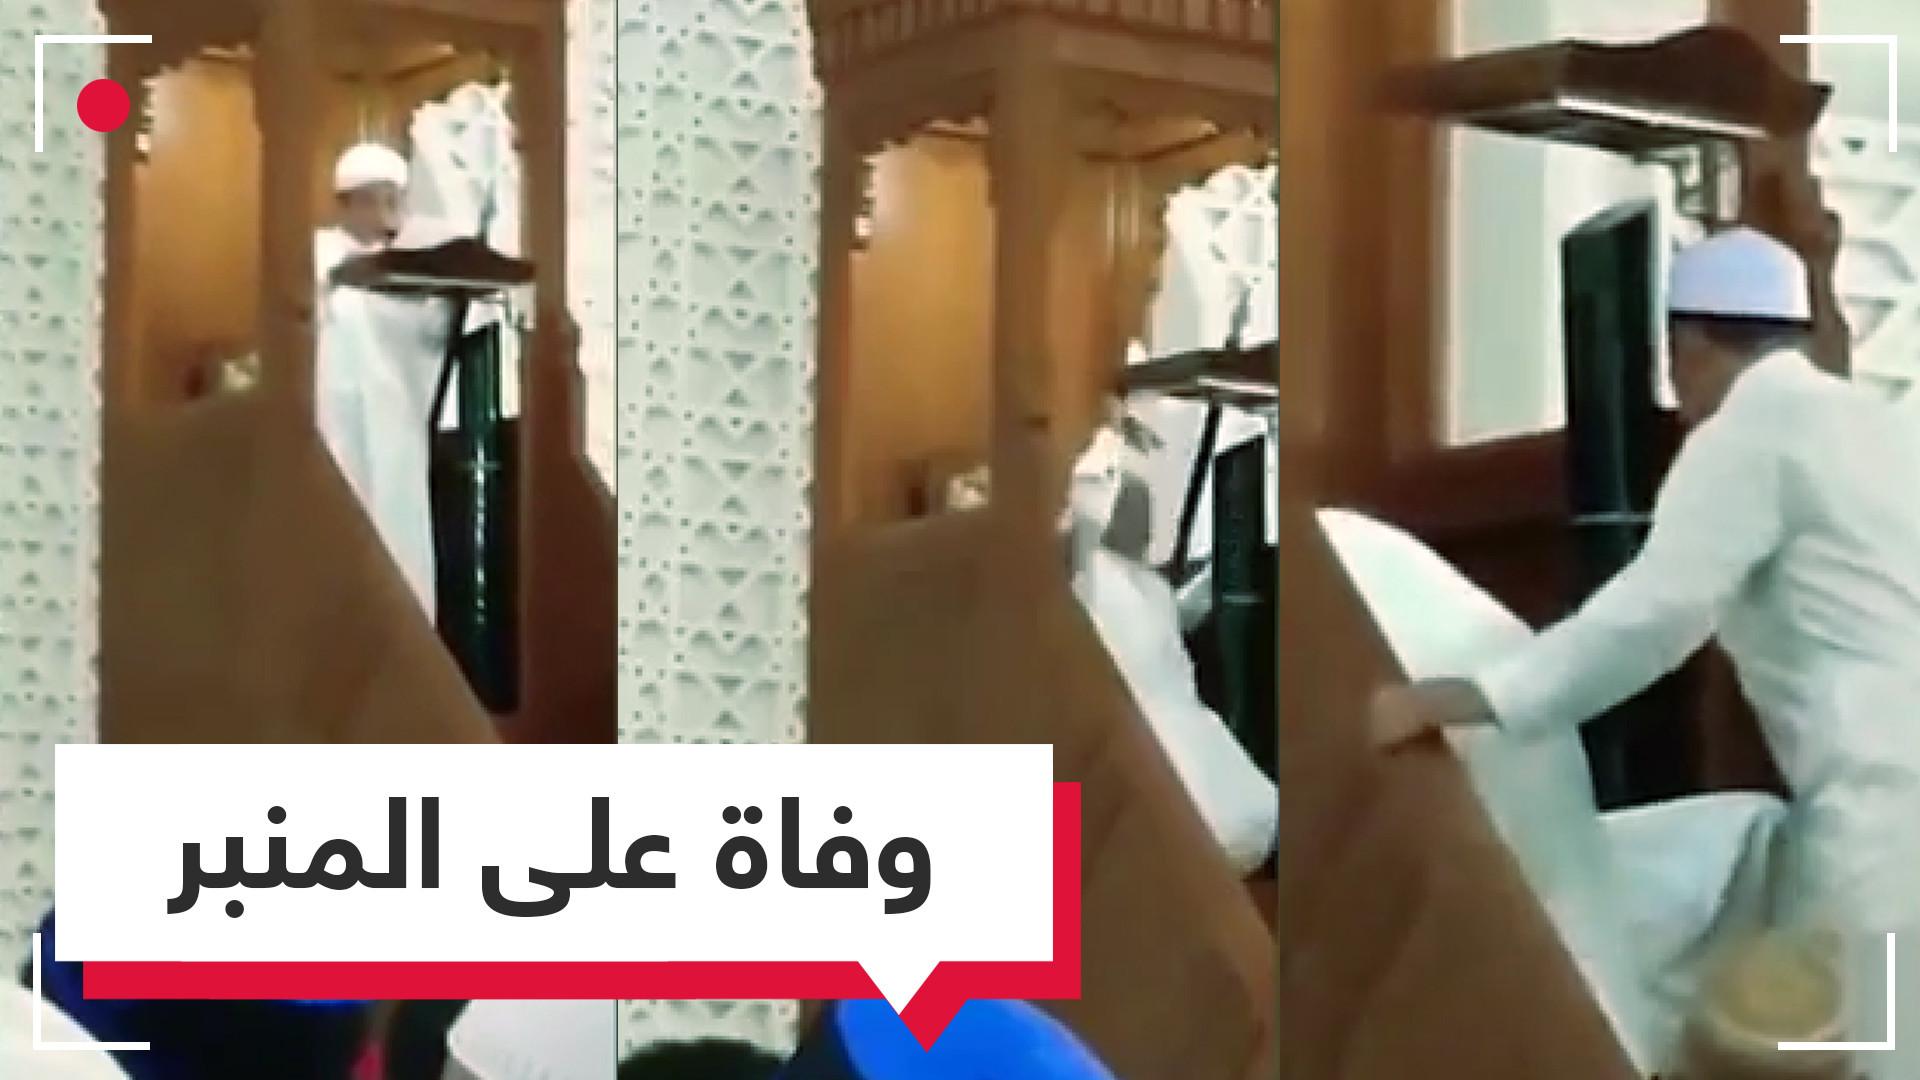 فيديو.. وفاة إمام مسجد وهو يلقي خطبة الجمعة بماليزيا